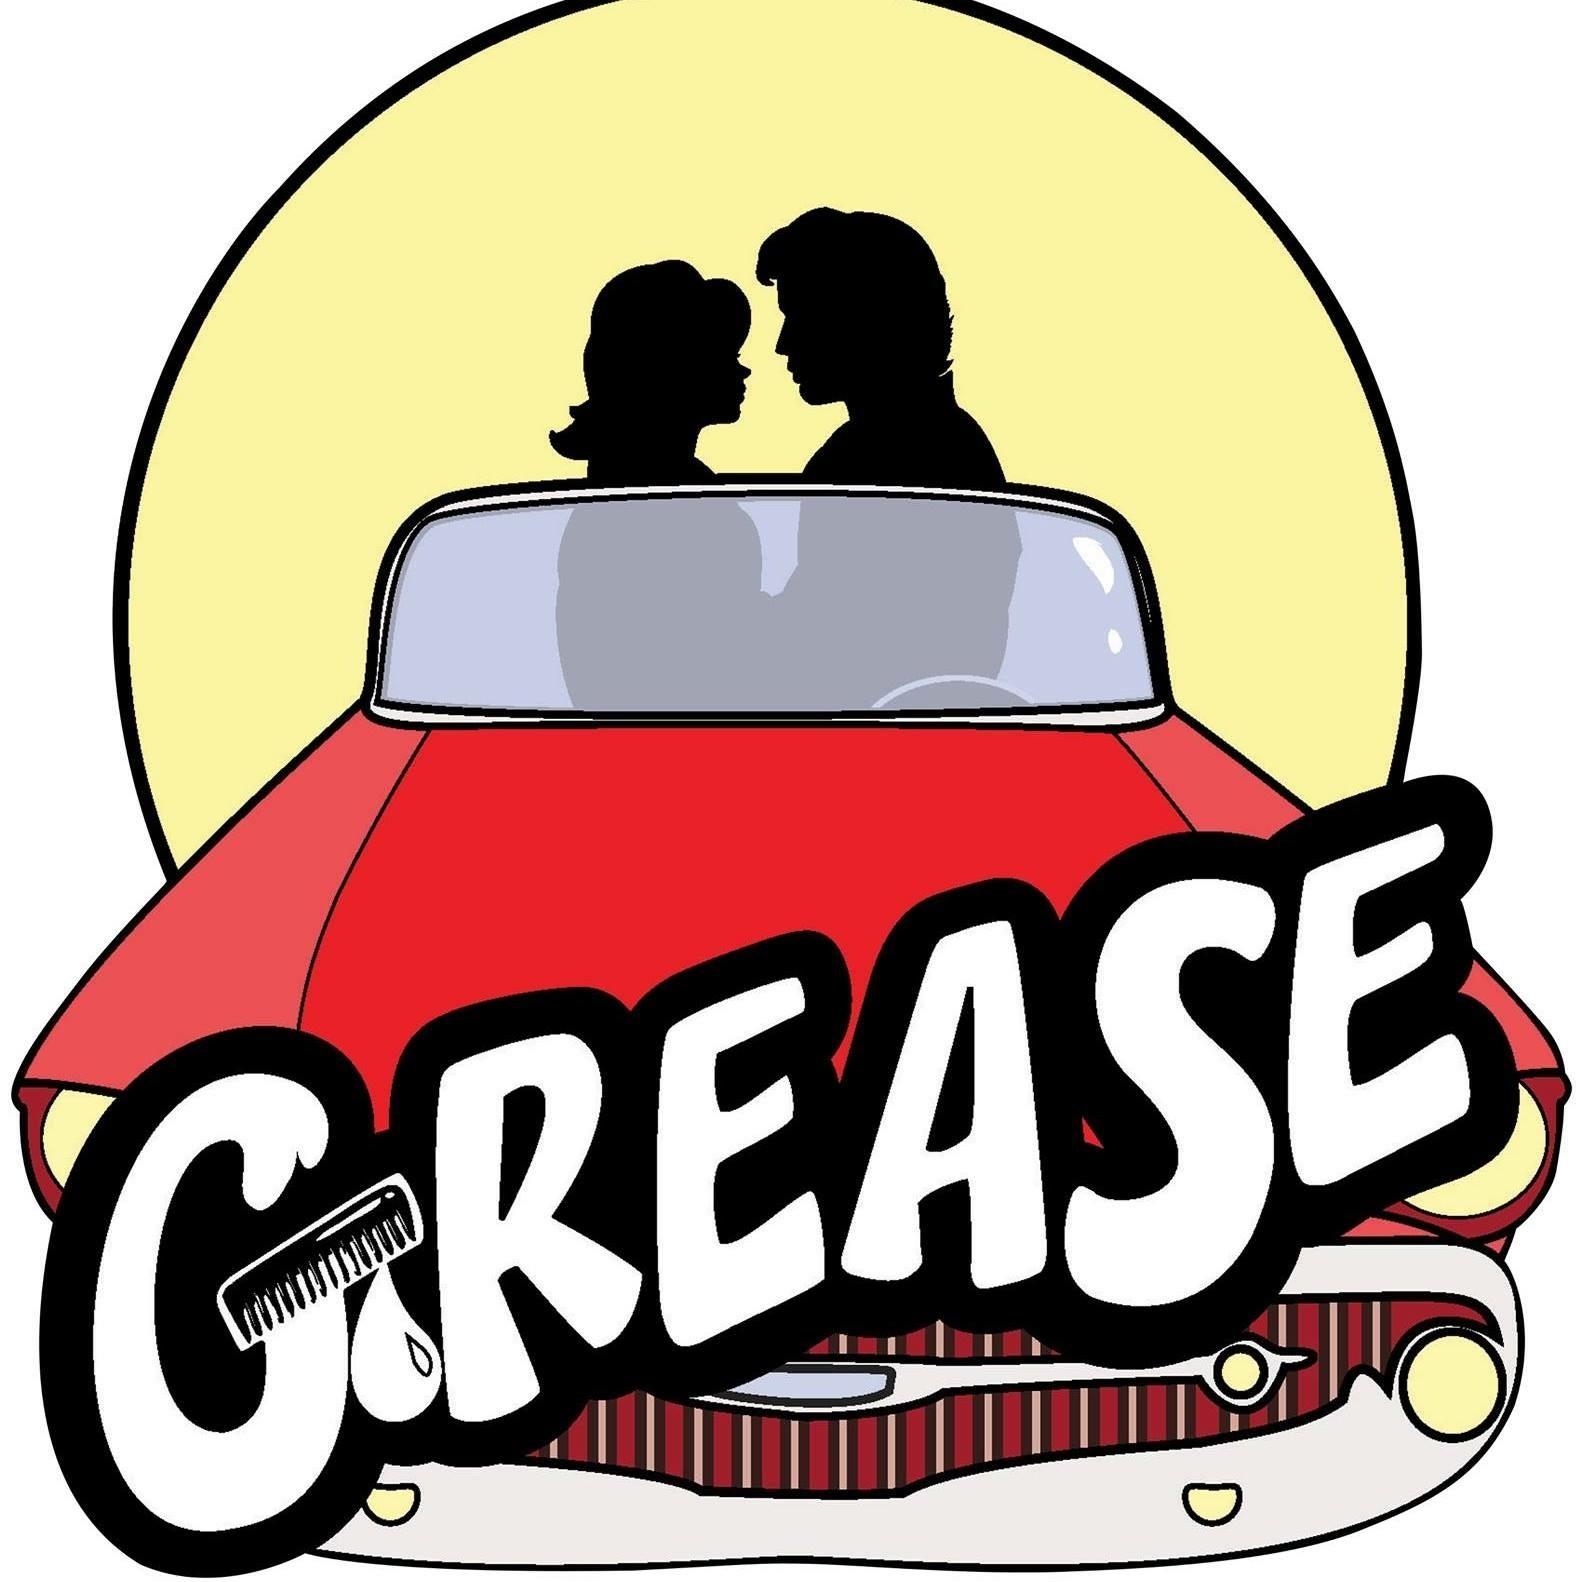 Grease.jpg